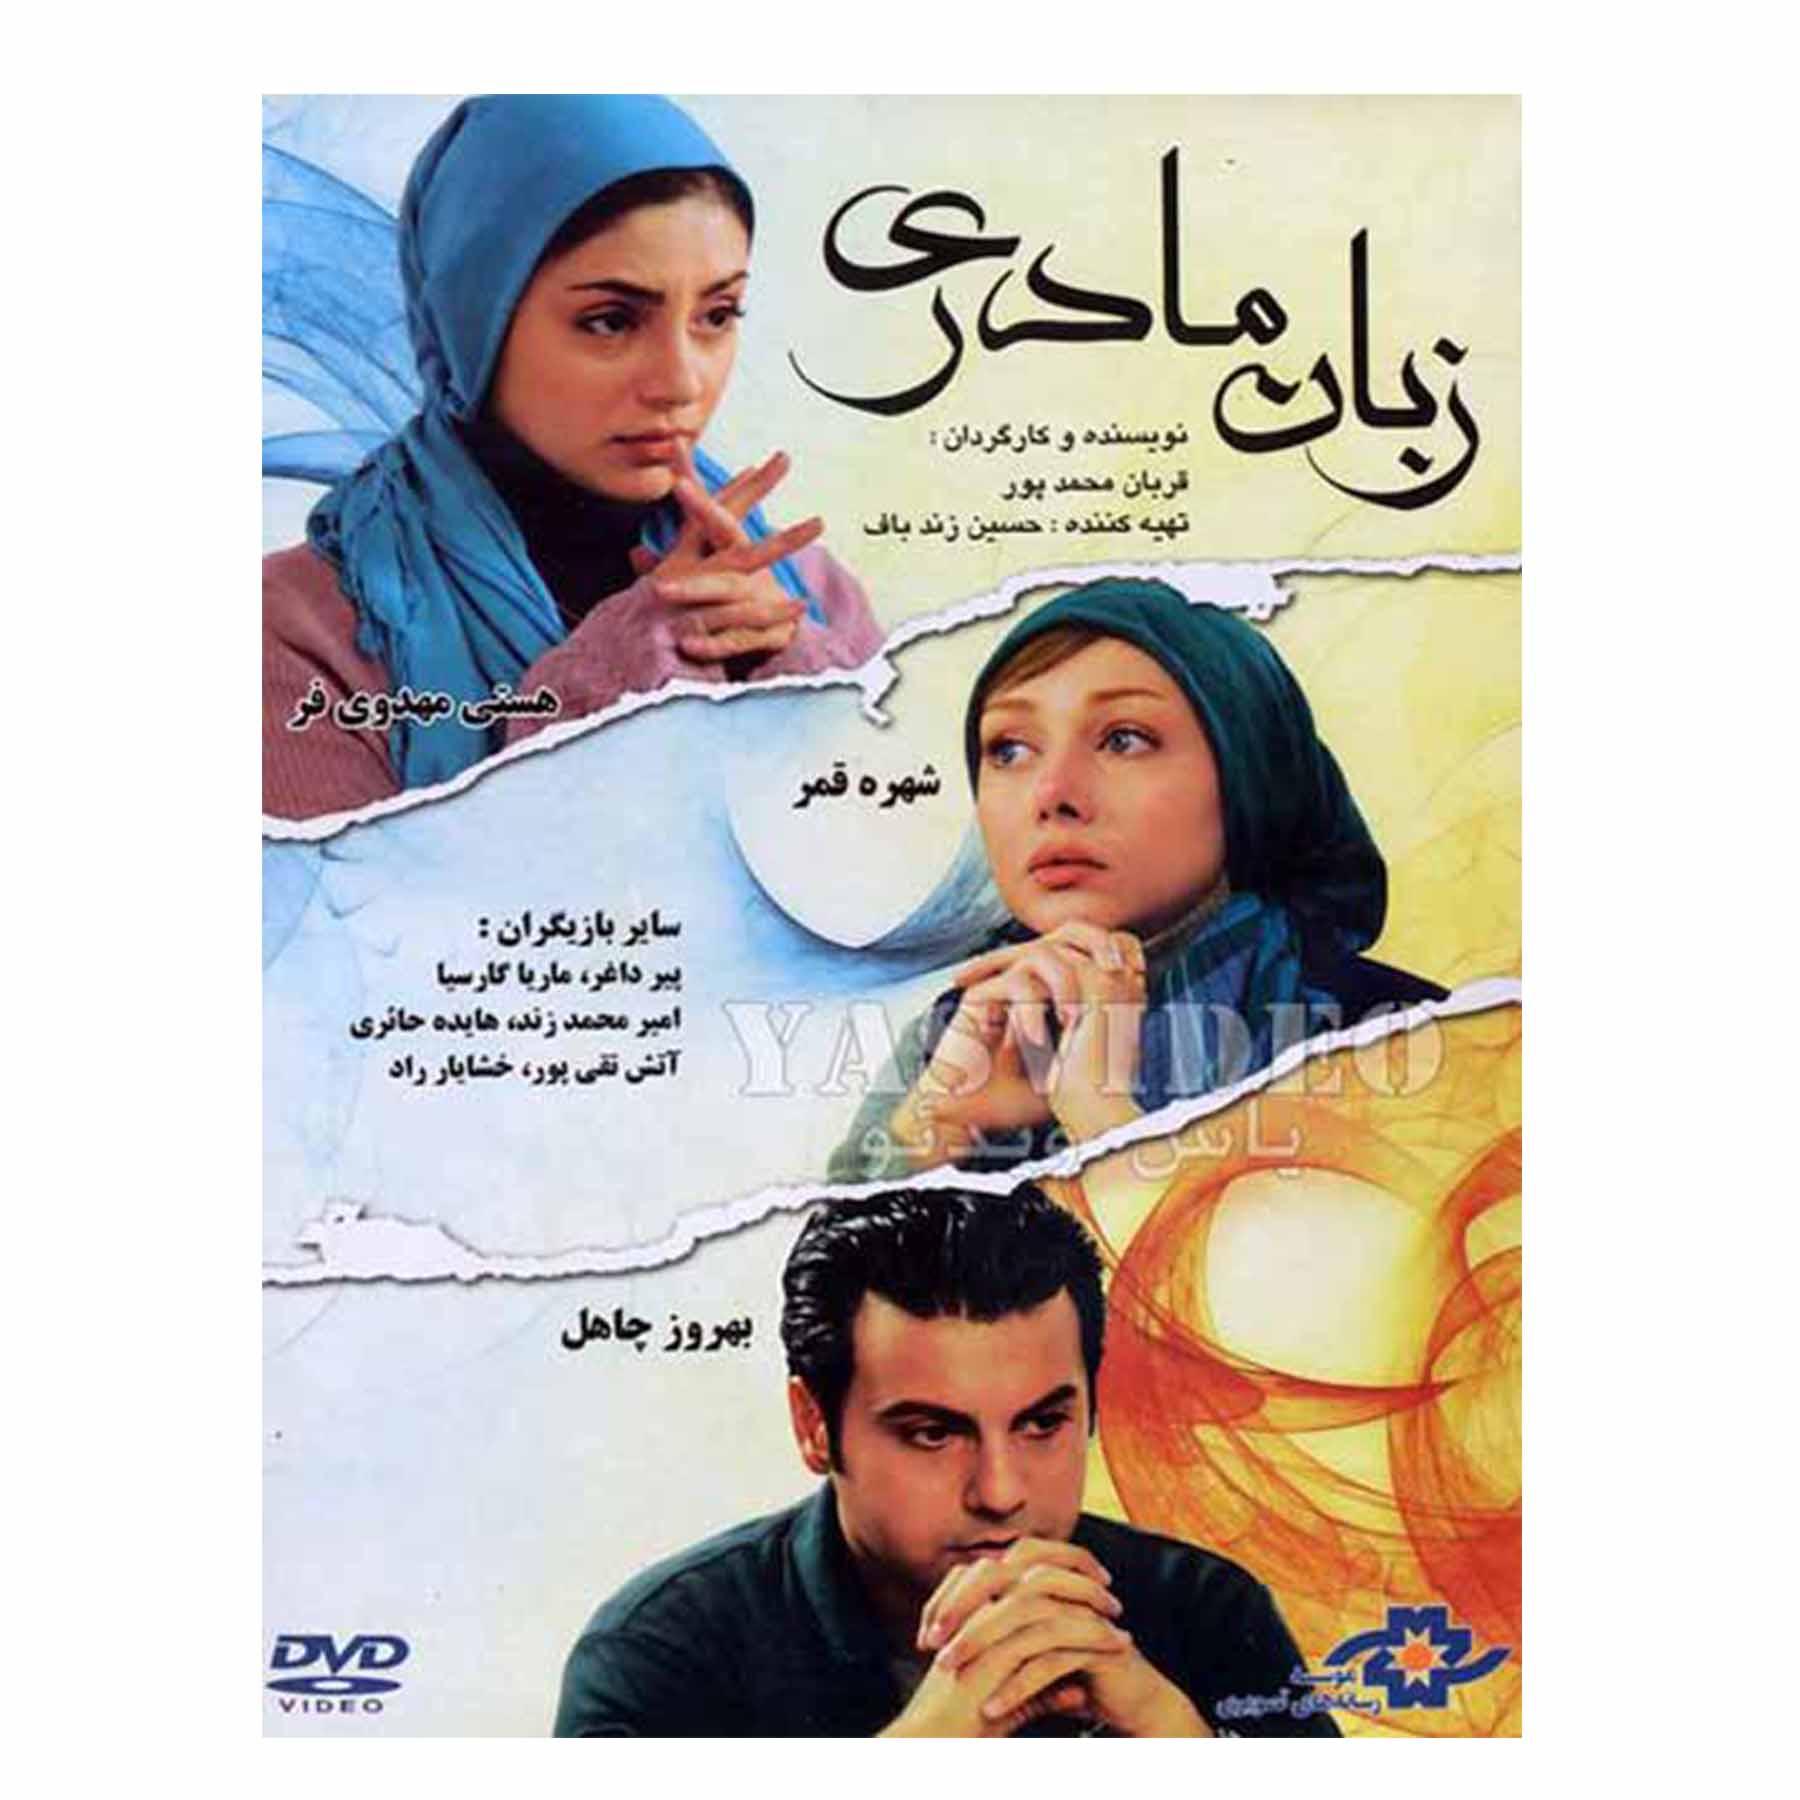 فیلم سینمایی زبان مادری اثر قربان محمدپور نشر موسسه رسانه های تصویری